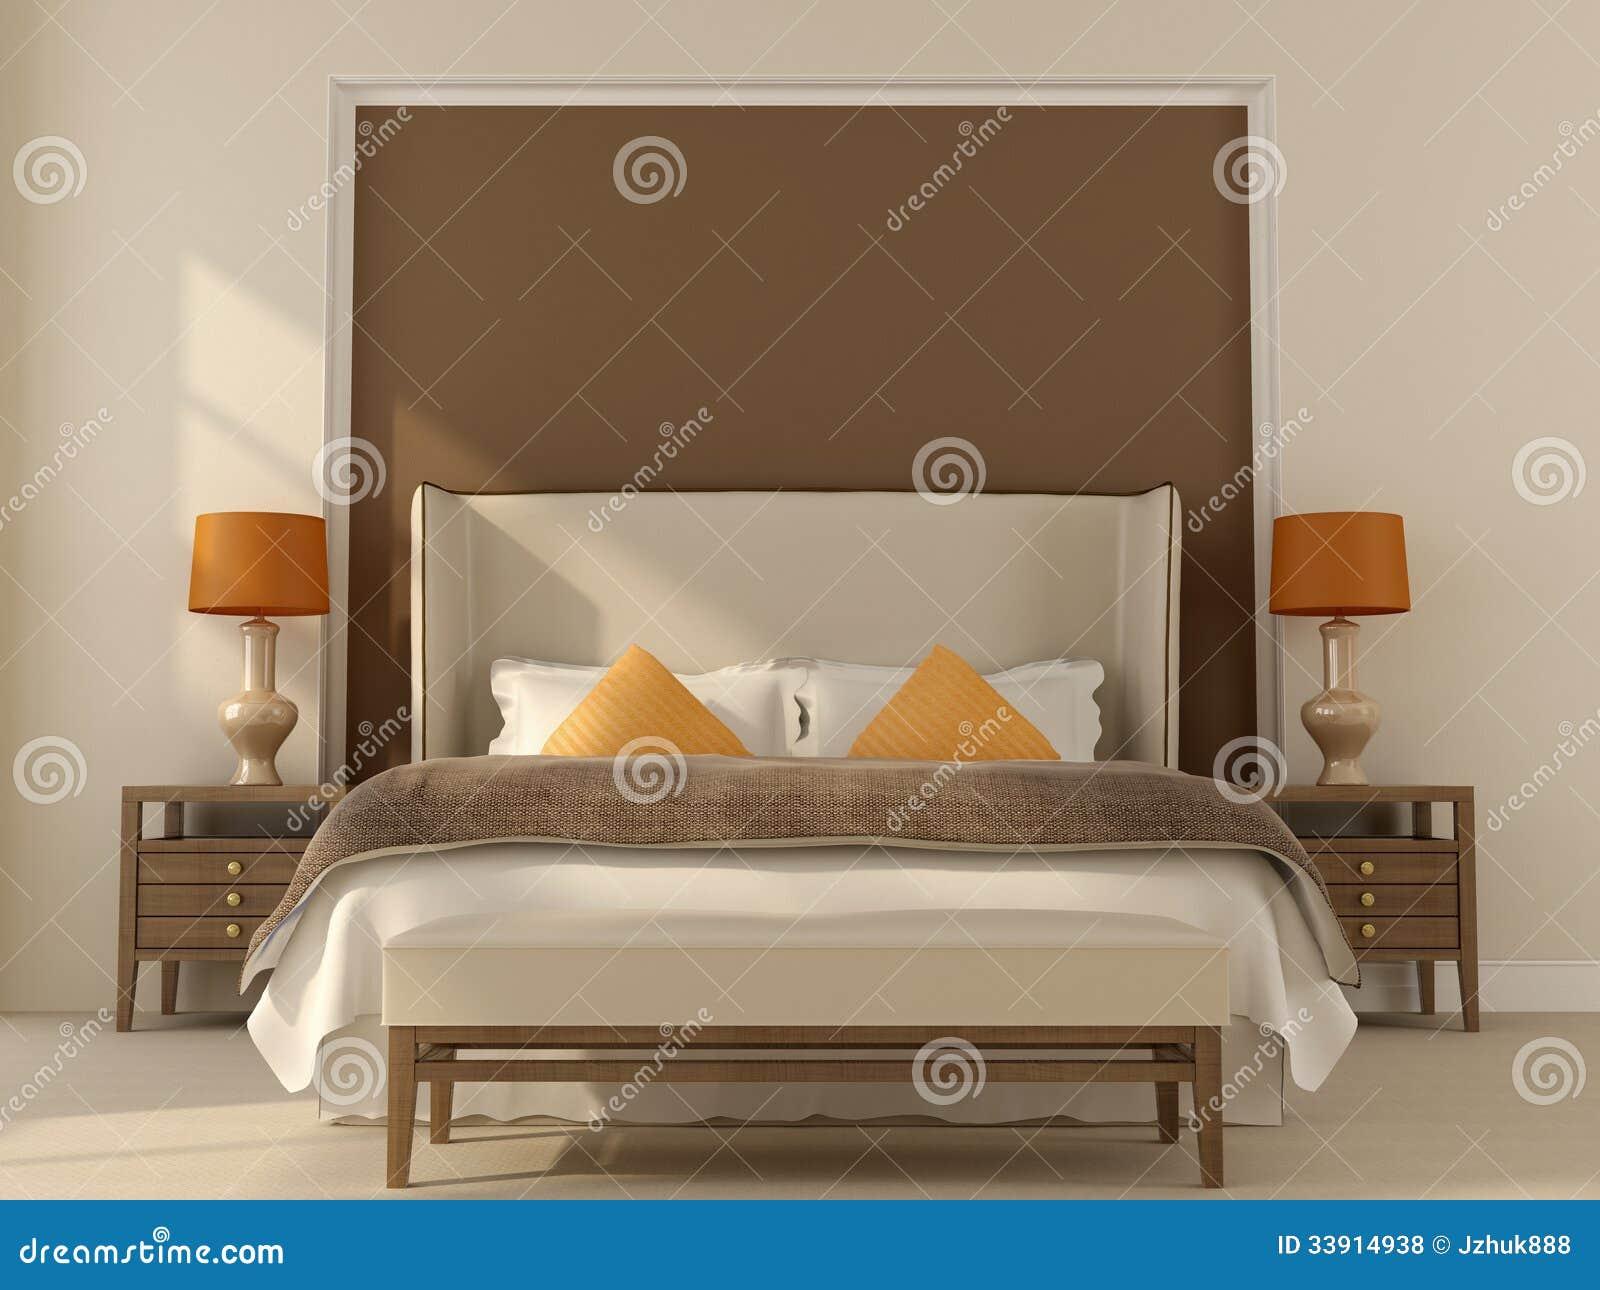 Download Beige Schlafzimmer Mit Orange Dekor Stock Abbildung   Illustration  Von Möbel, Braun: 33914938